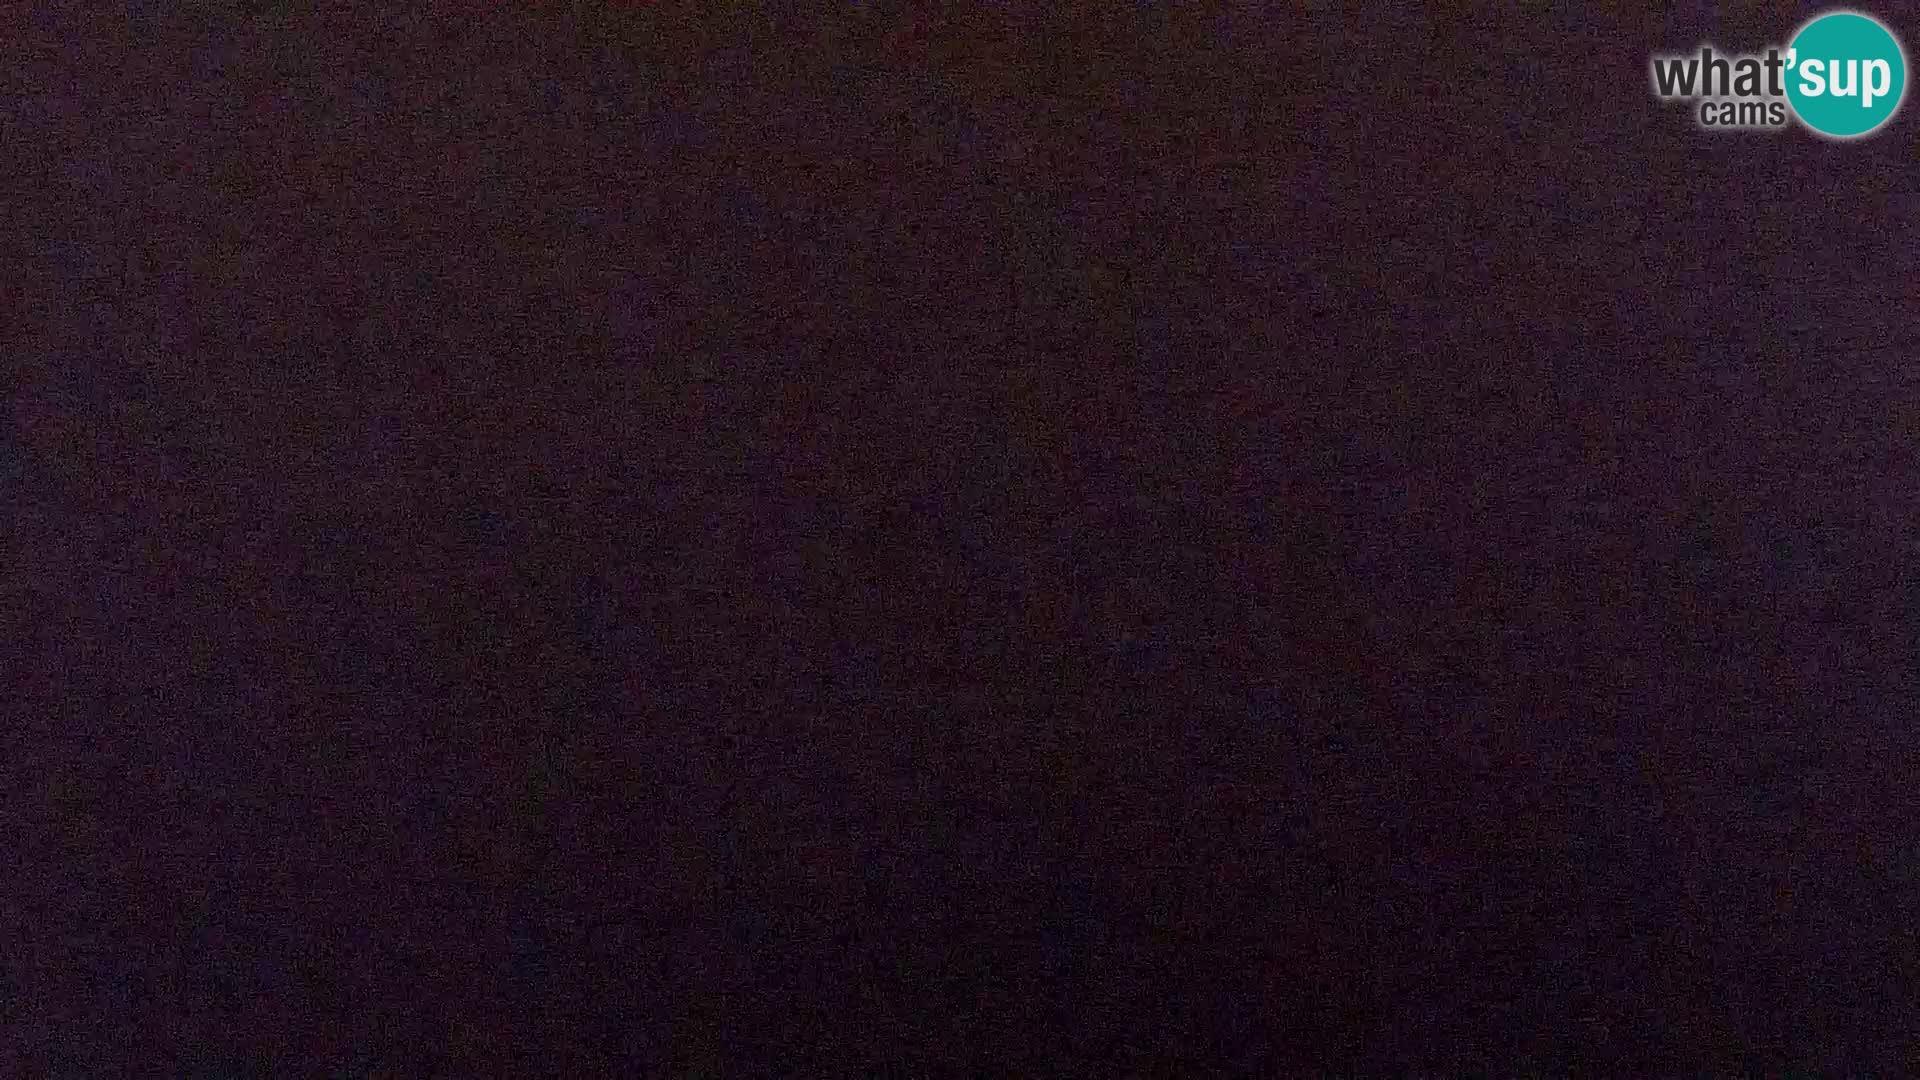 Sljeme spletna kamera – Panorama